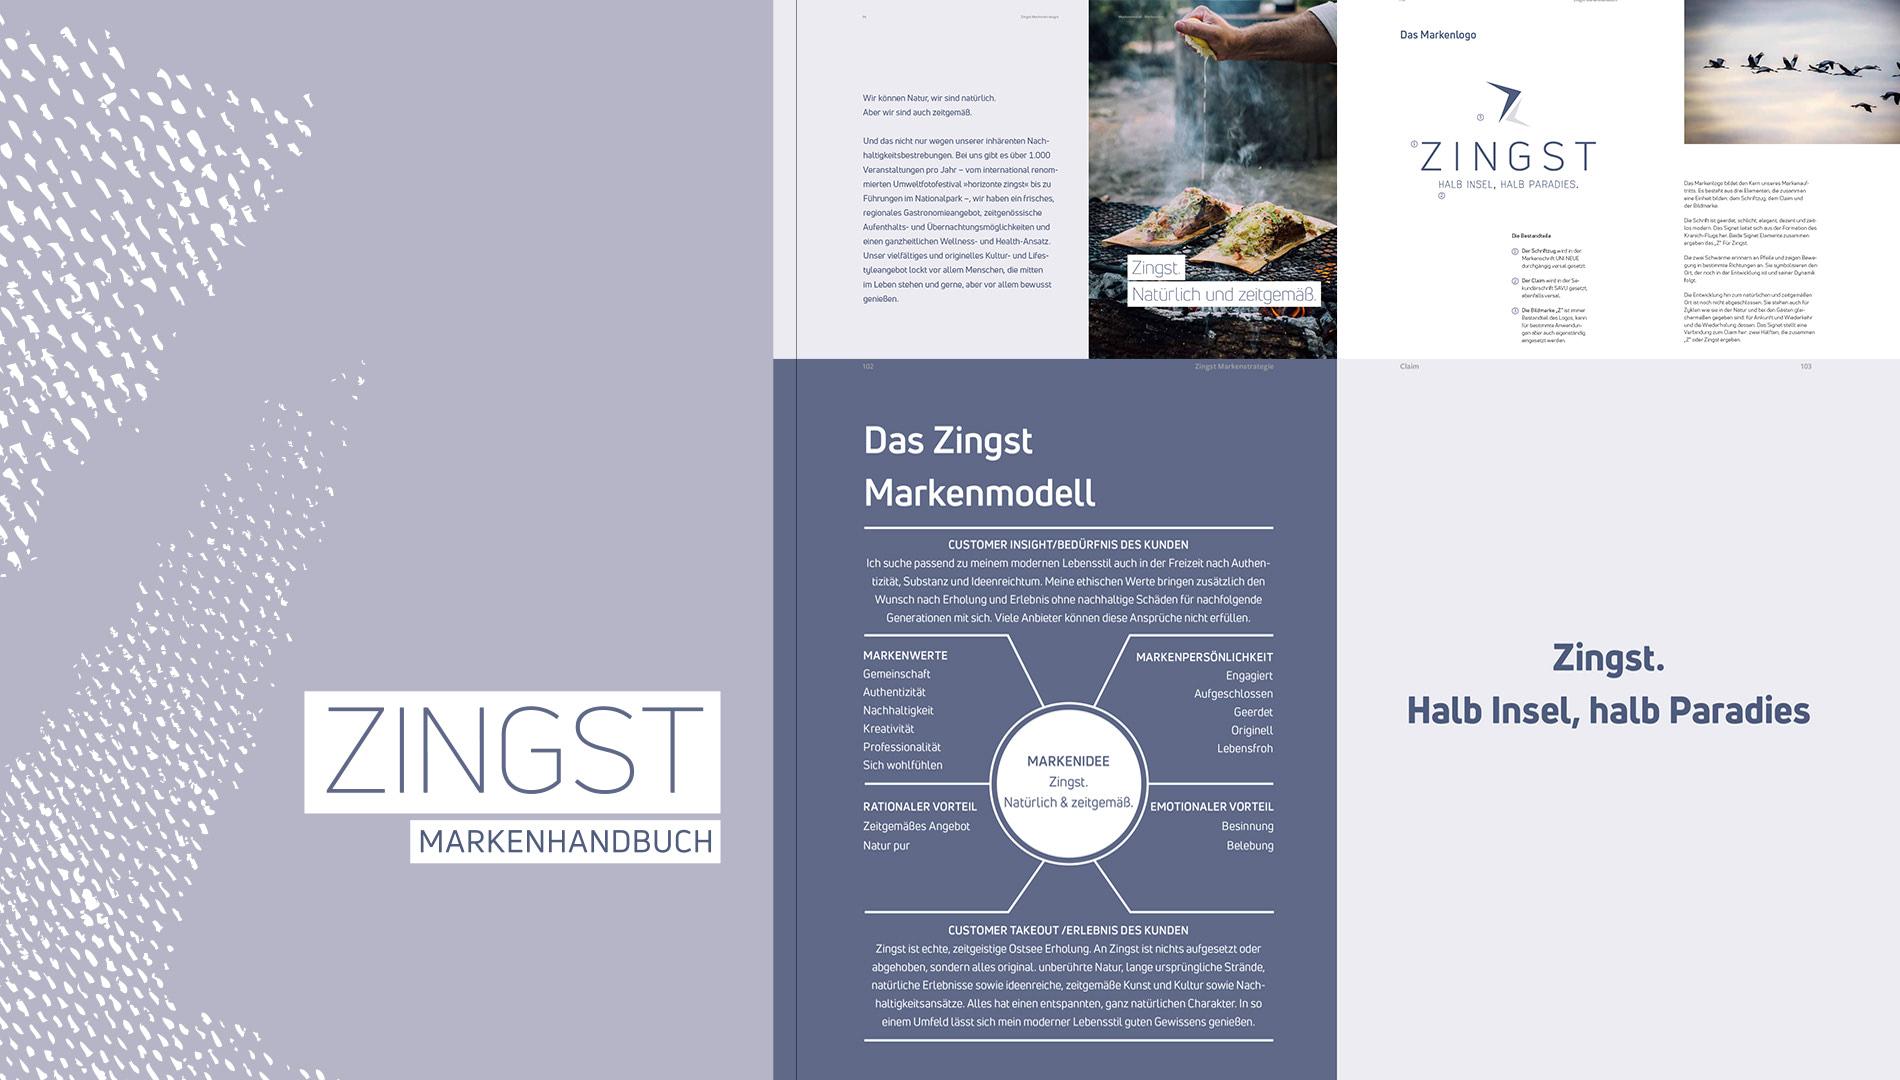 Markenentwicklung Corporate Design Zingst Markenhandbuch Going Places